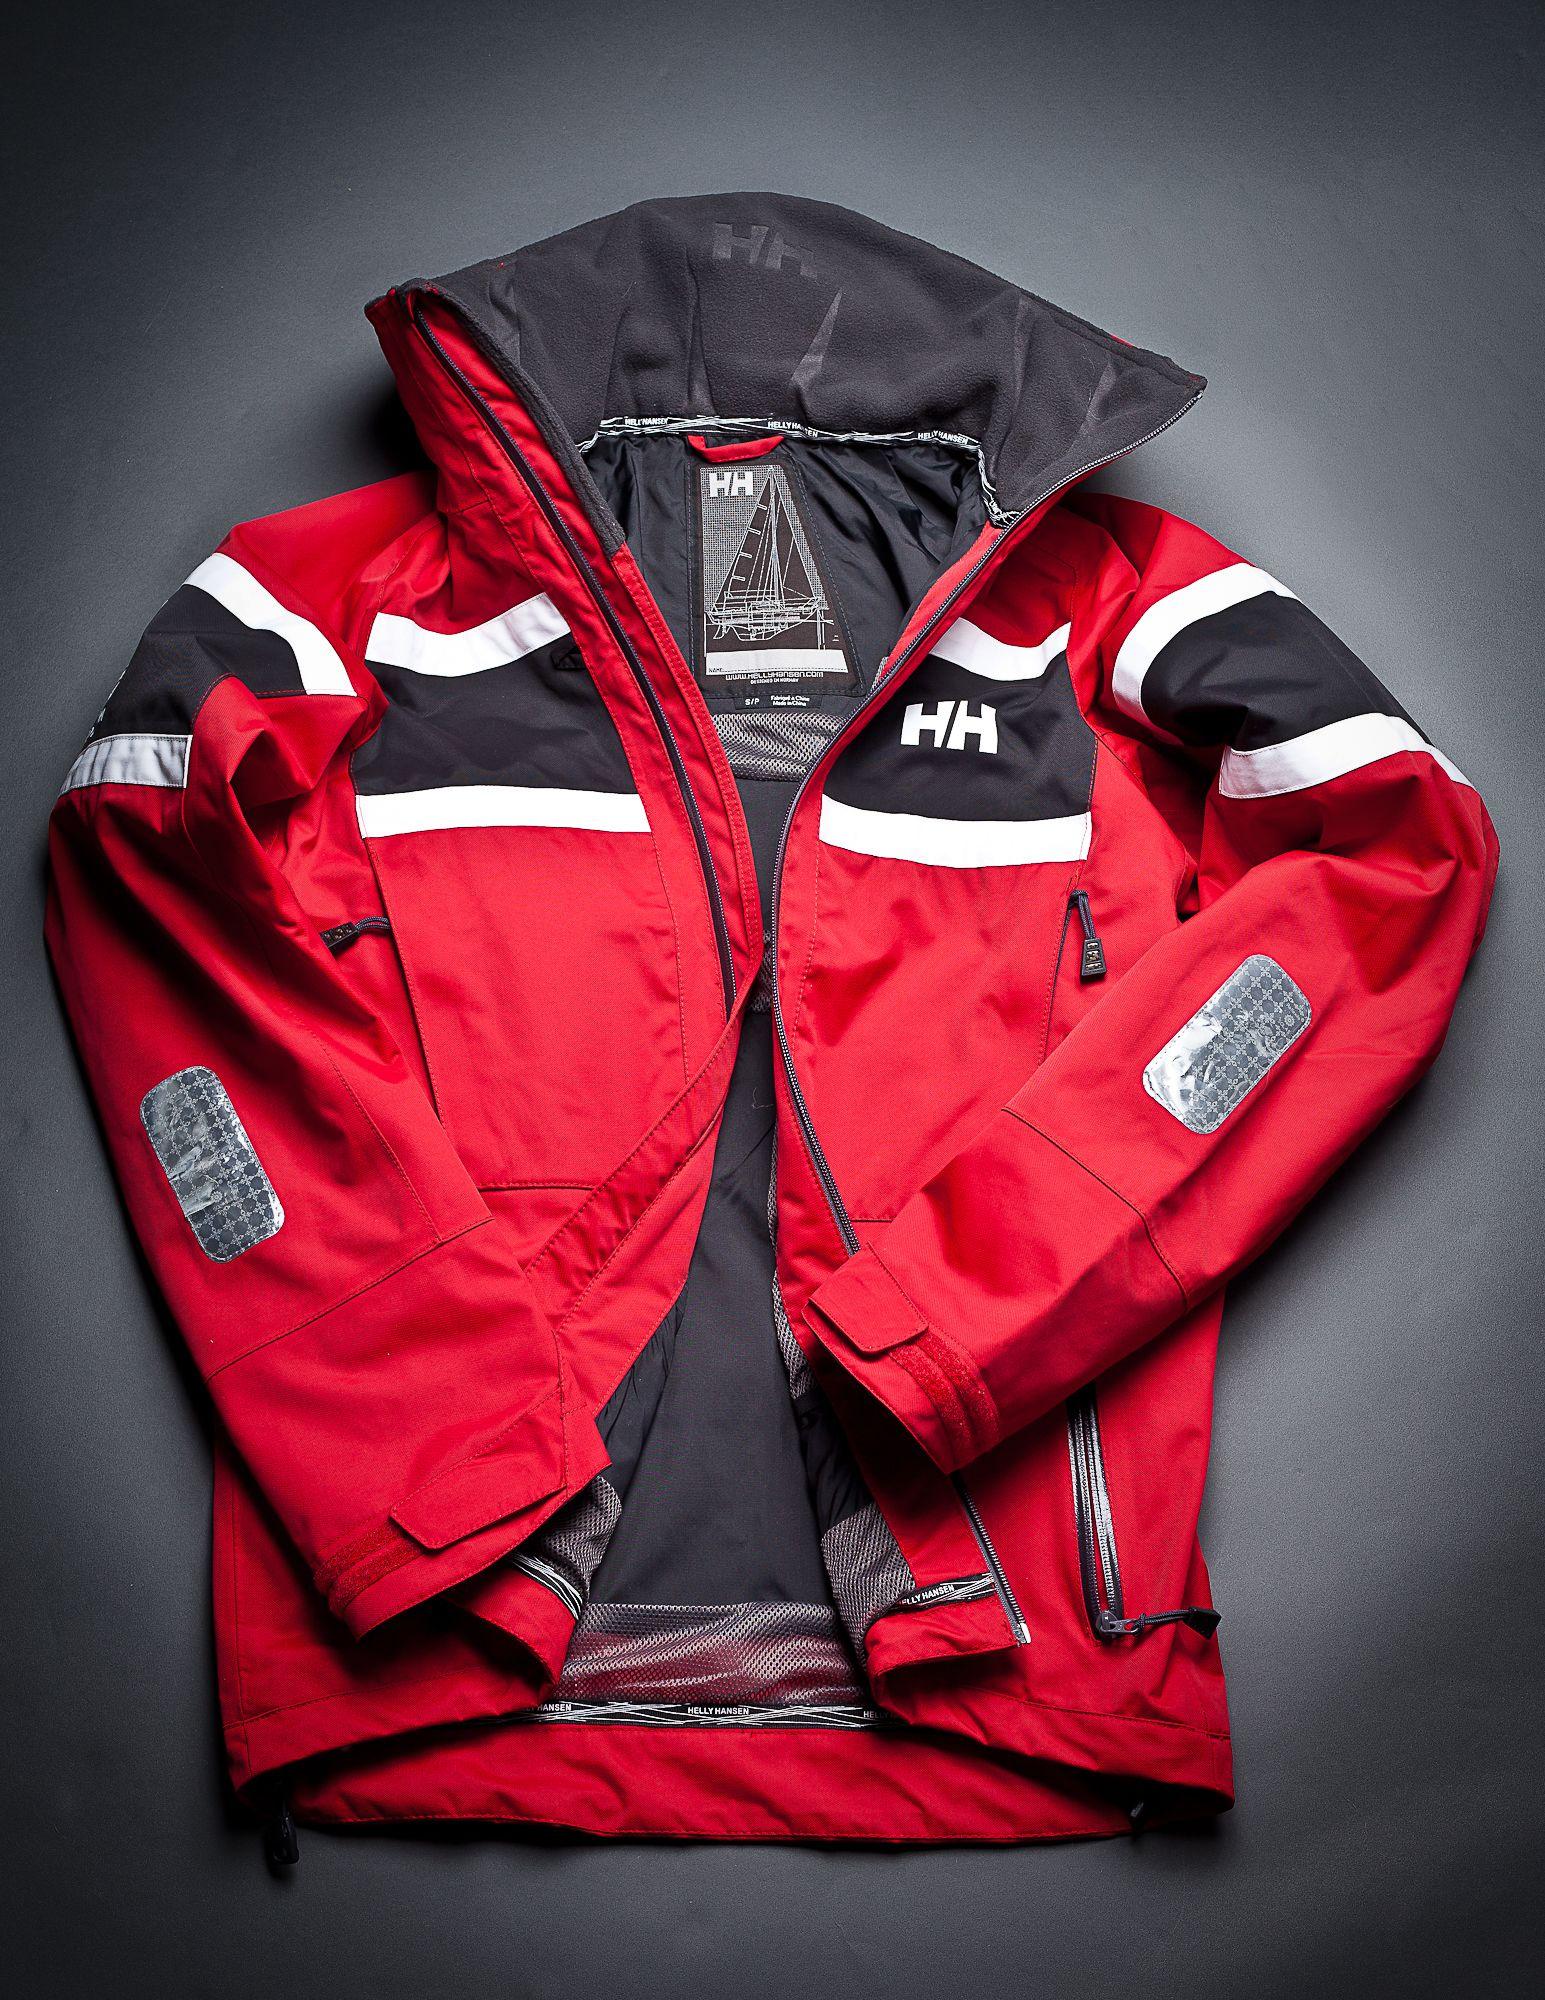 eb8b2ec004 Helly Hansen sailing gear. I want to go sailing!!! | Fashion /my ...